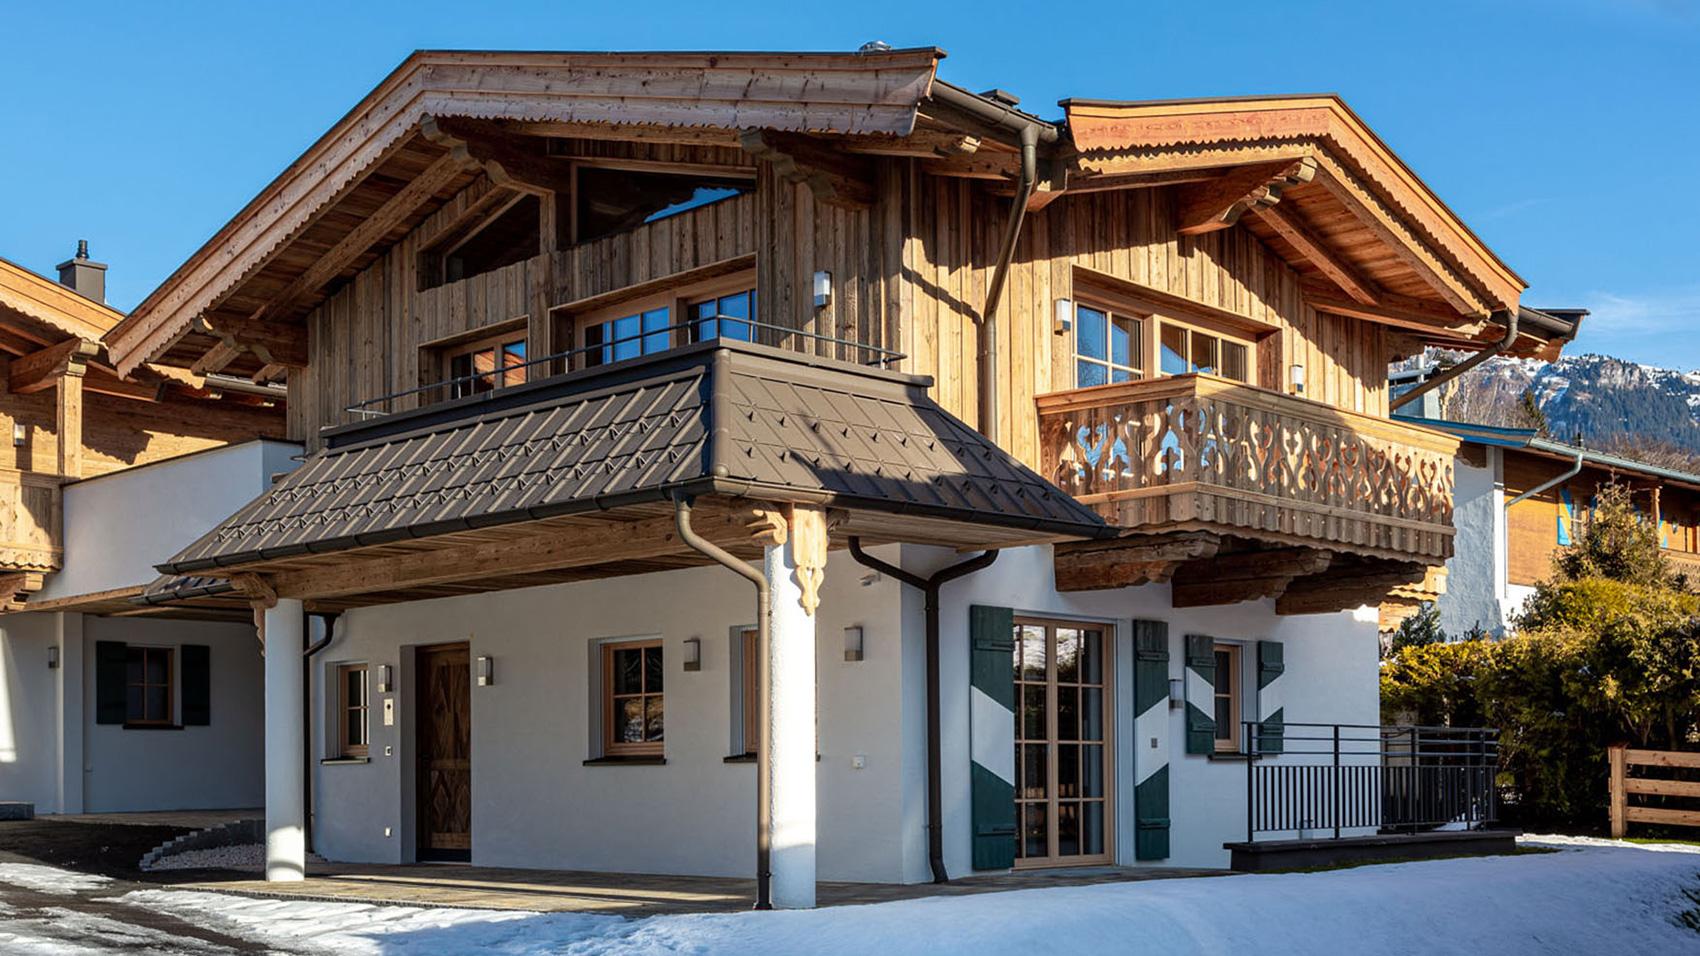 Schwarzsee Chalet Chalet, Austria